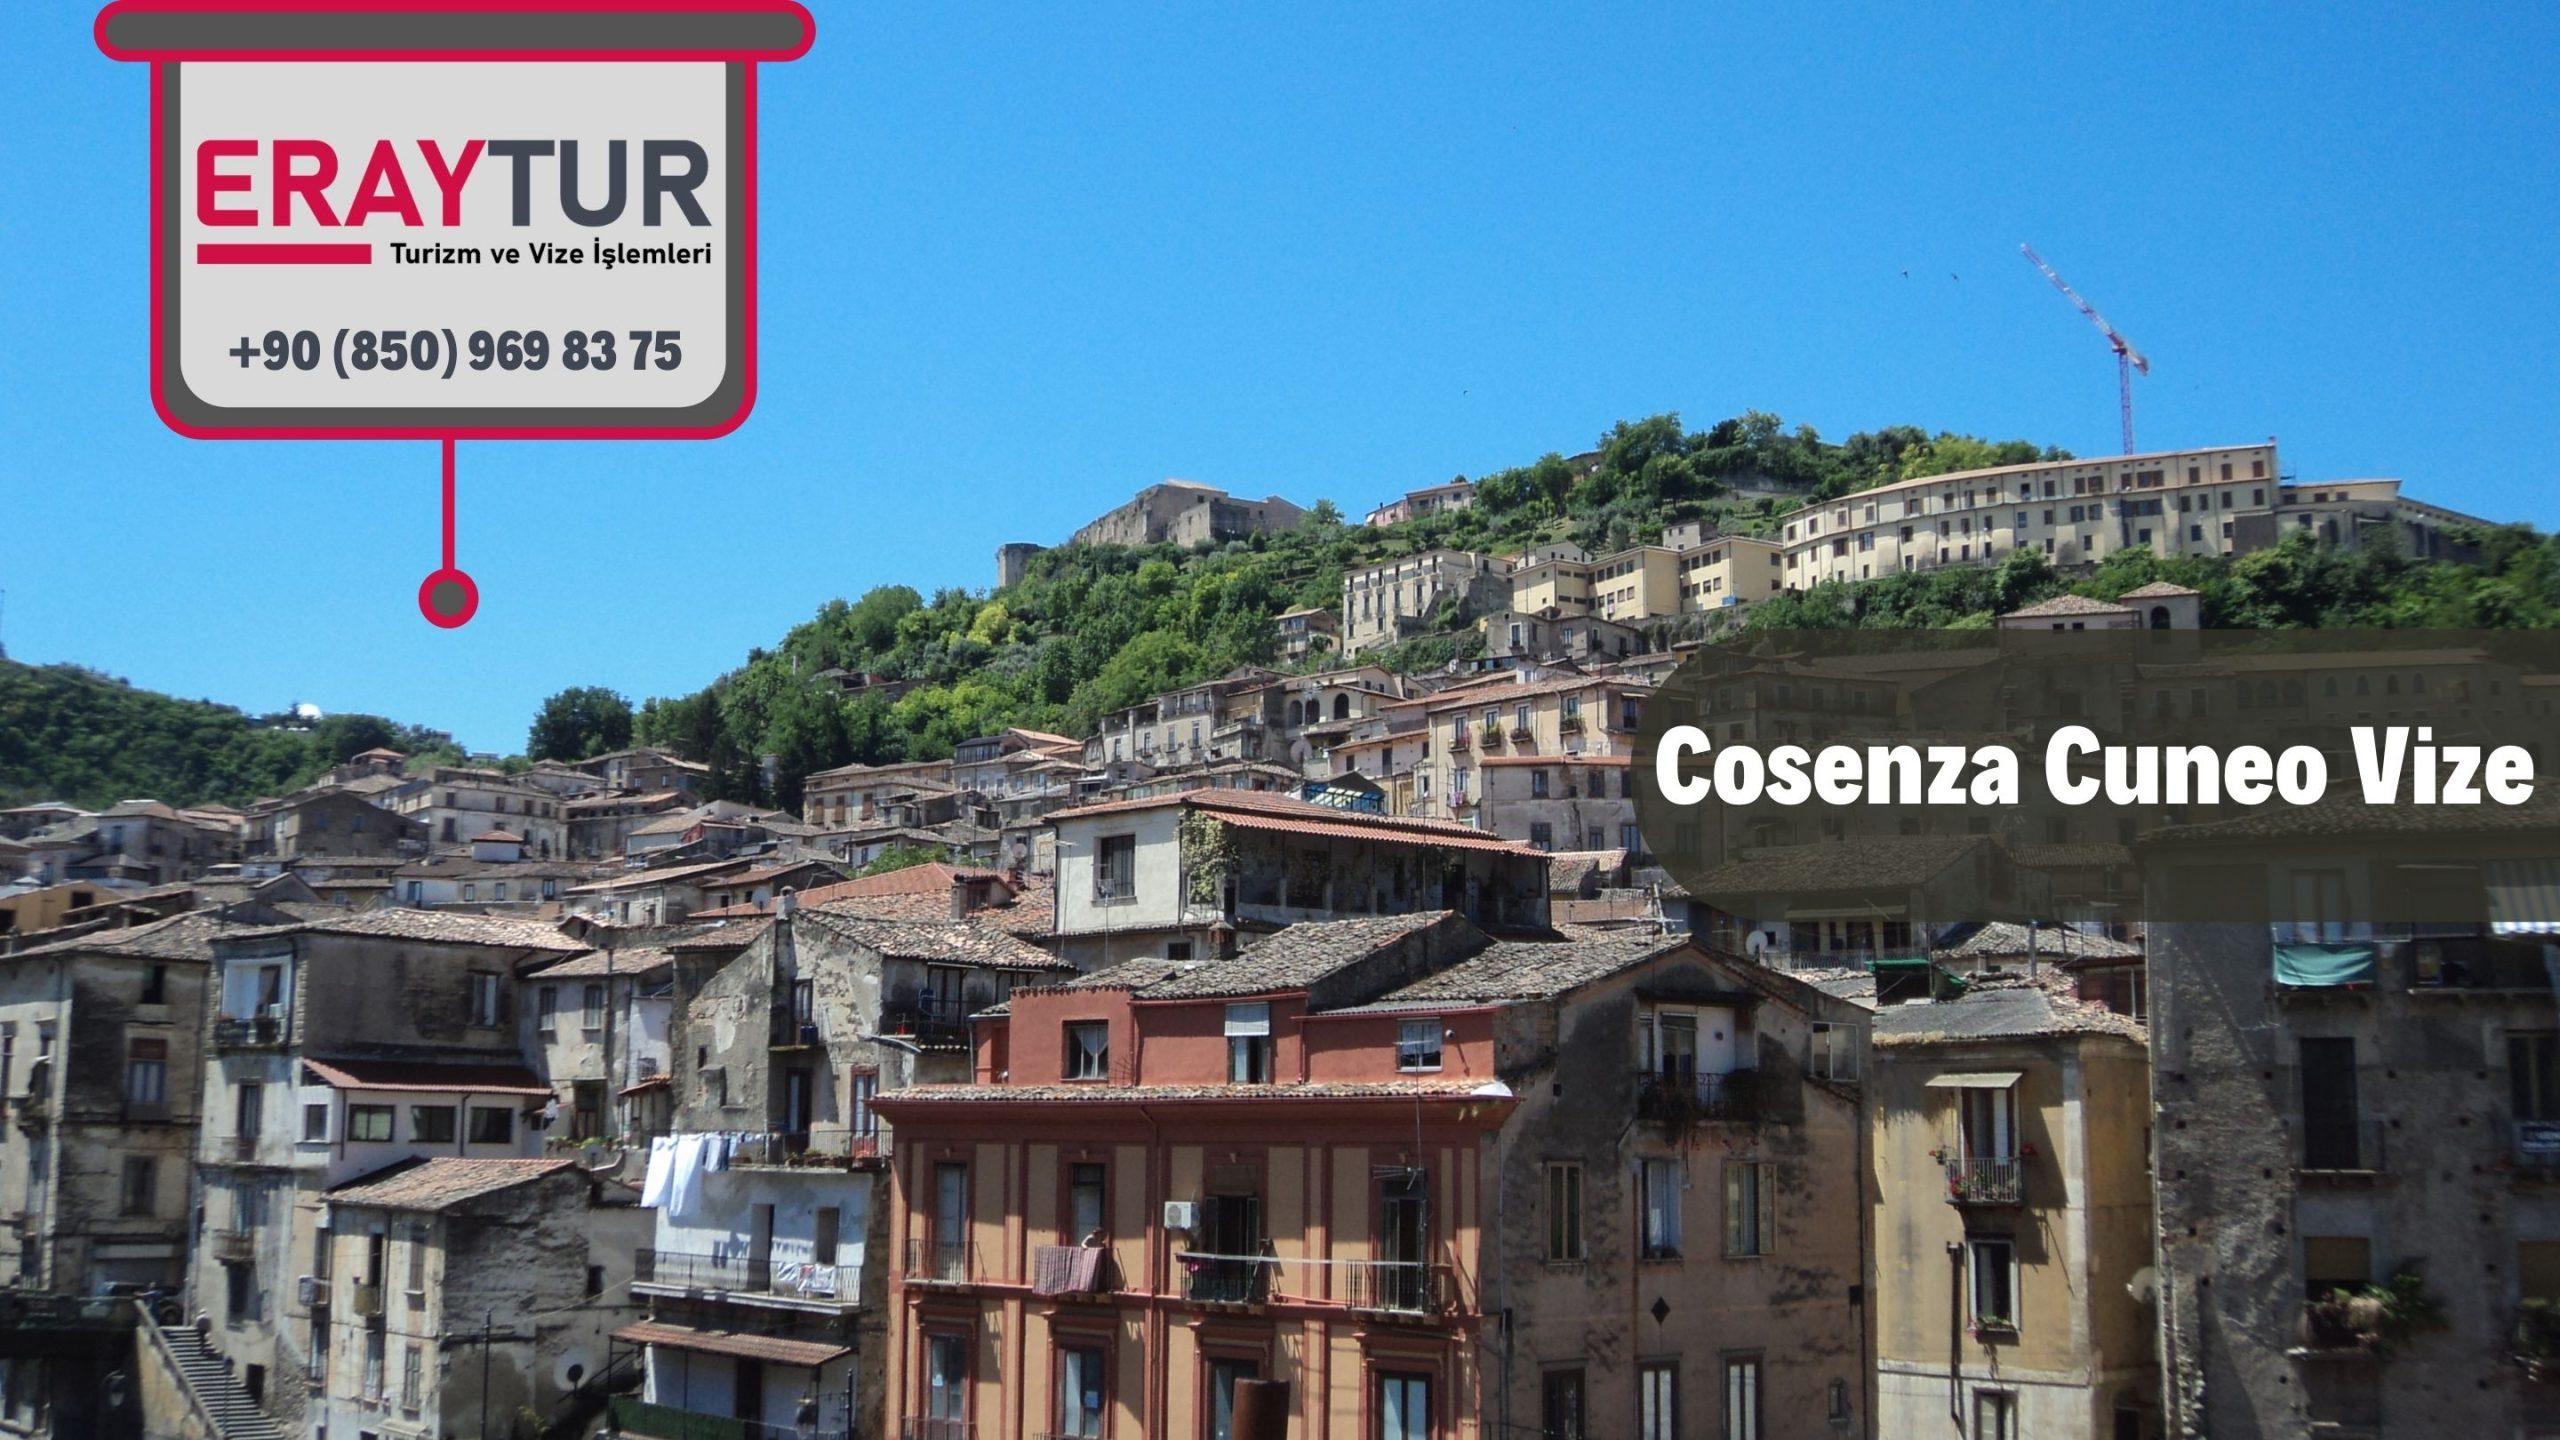 İtalya Cosenza Cuneo Vize Başvurusu